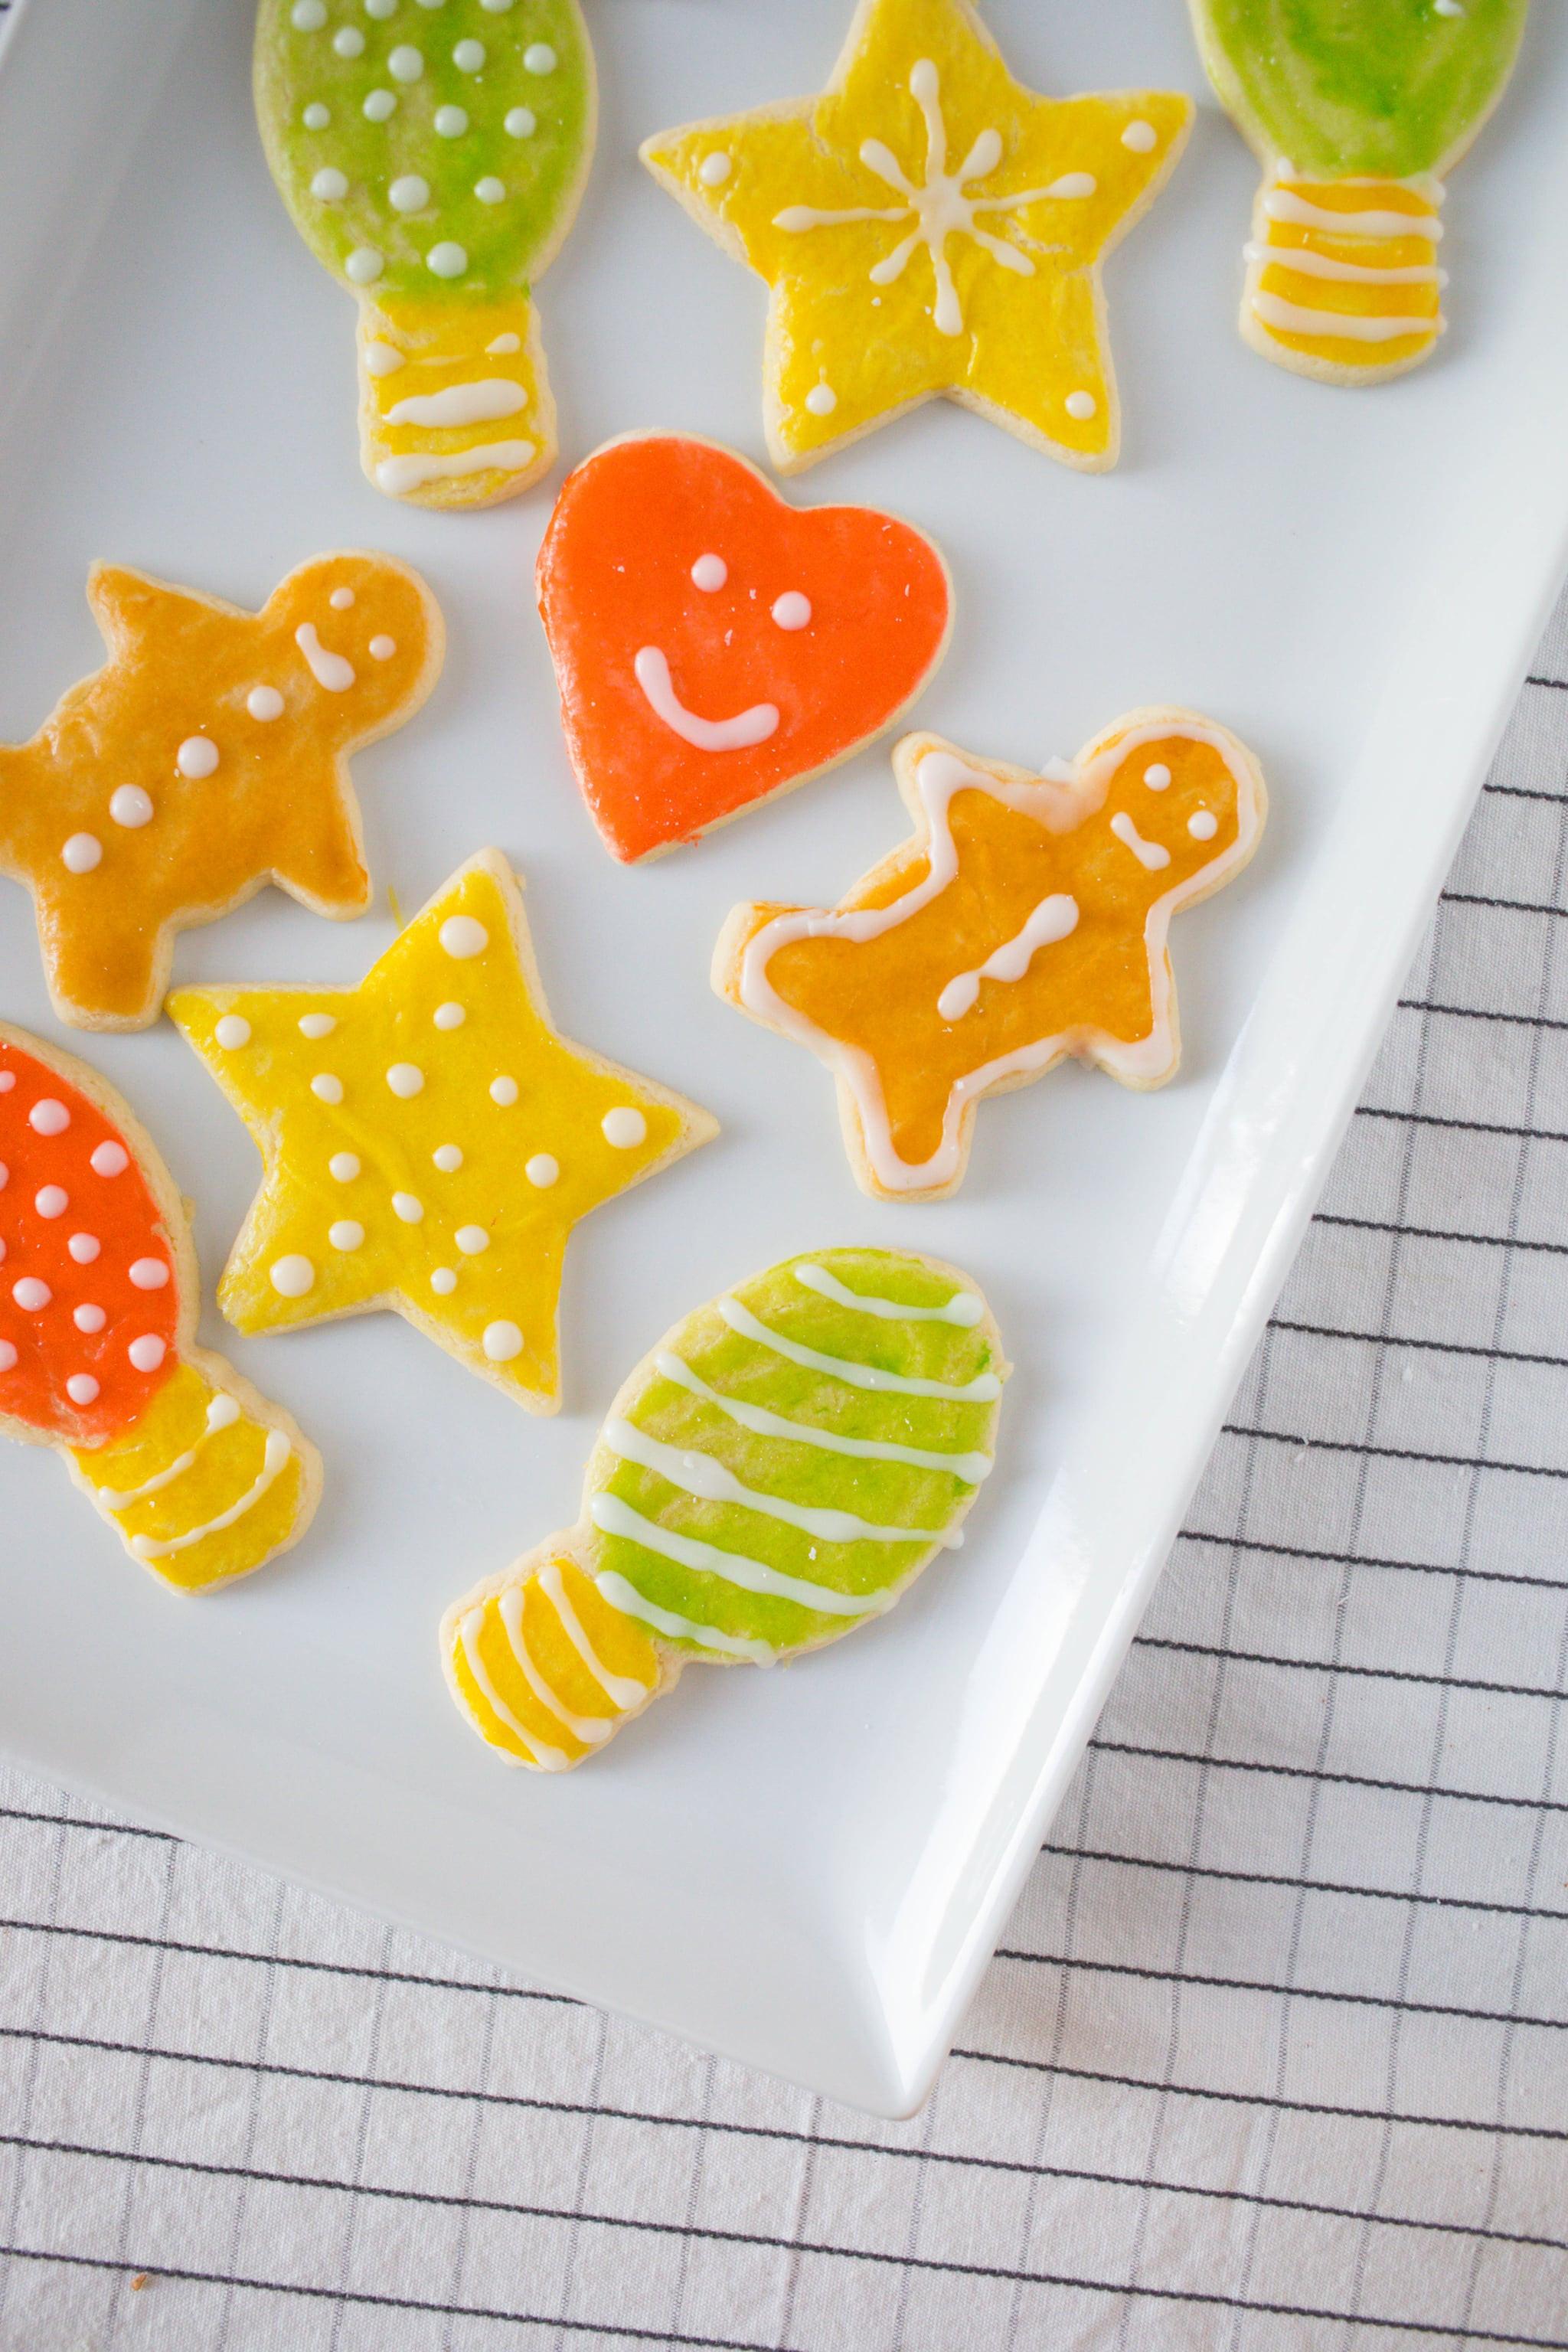 Ree Drummond Christmas Cookies  Ree Drummond s Christmas Cookies Recipe